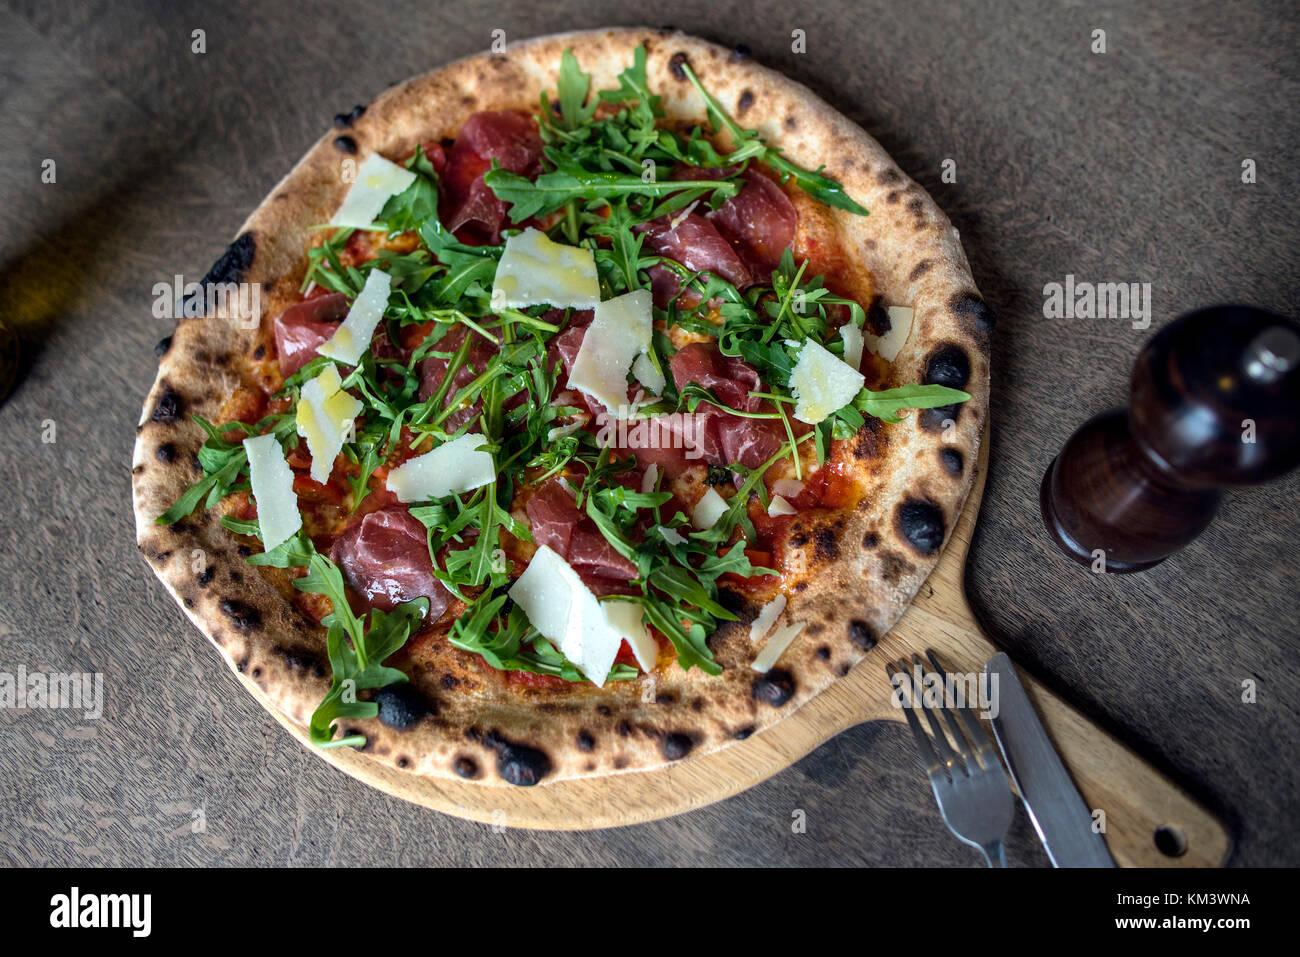 Autentica pizza italiana e panini su rustico sfondo Immagini Stock